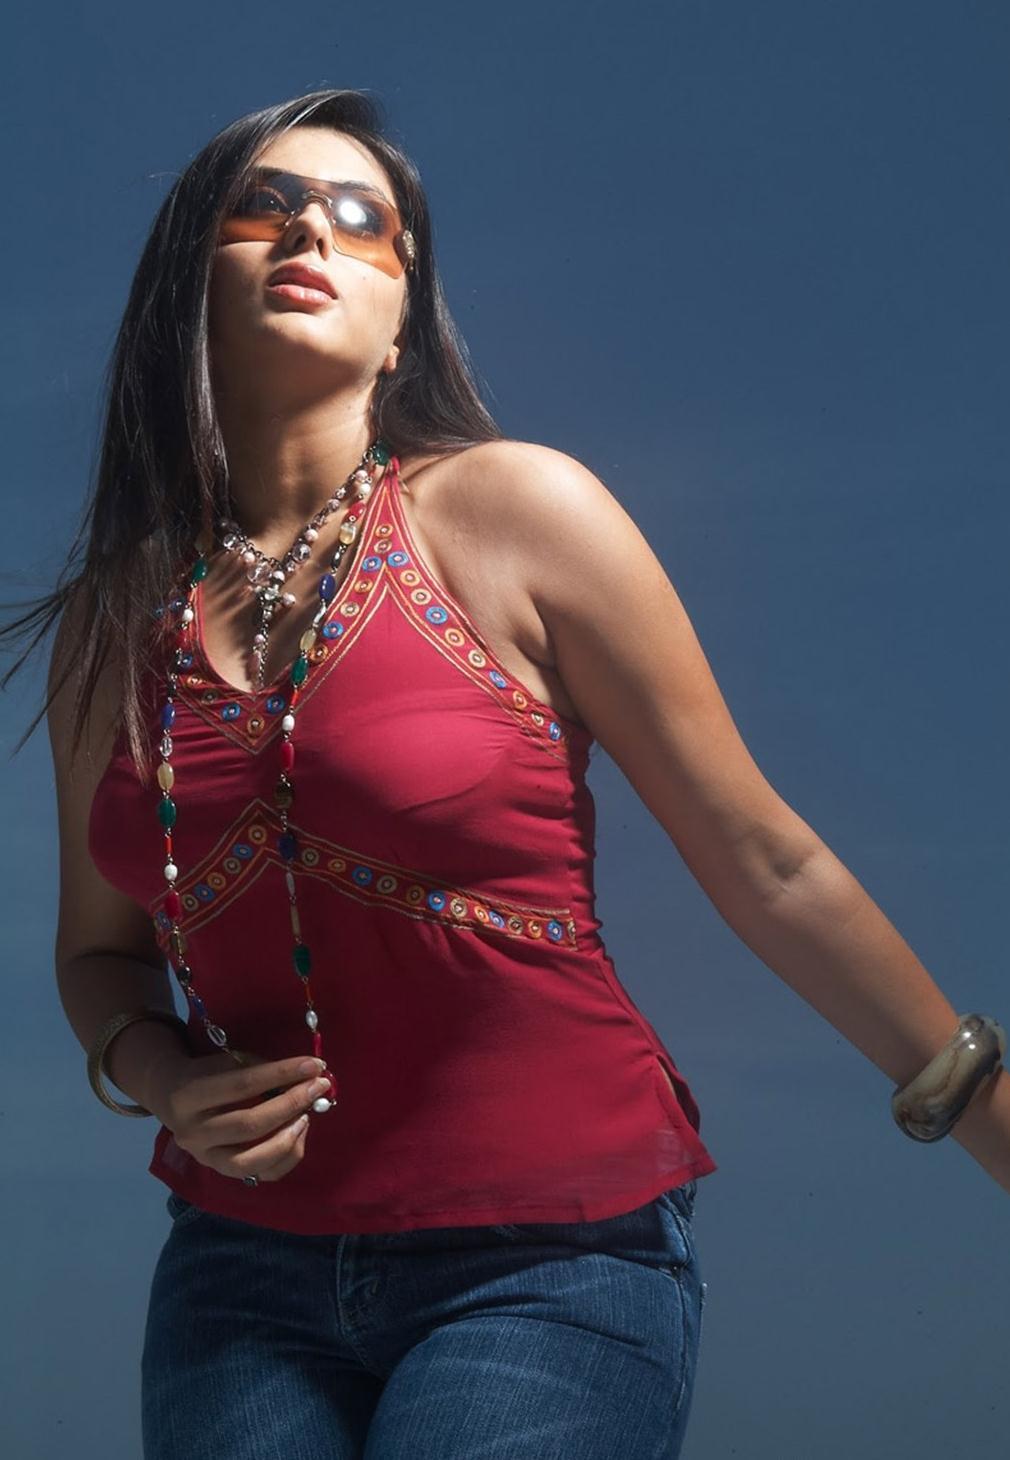 namitha hot pics - TheBlogRill